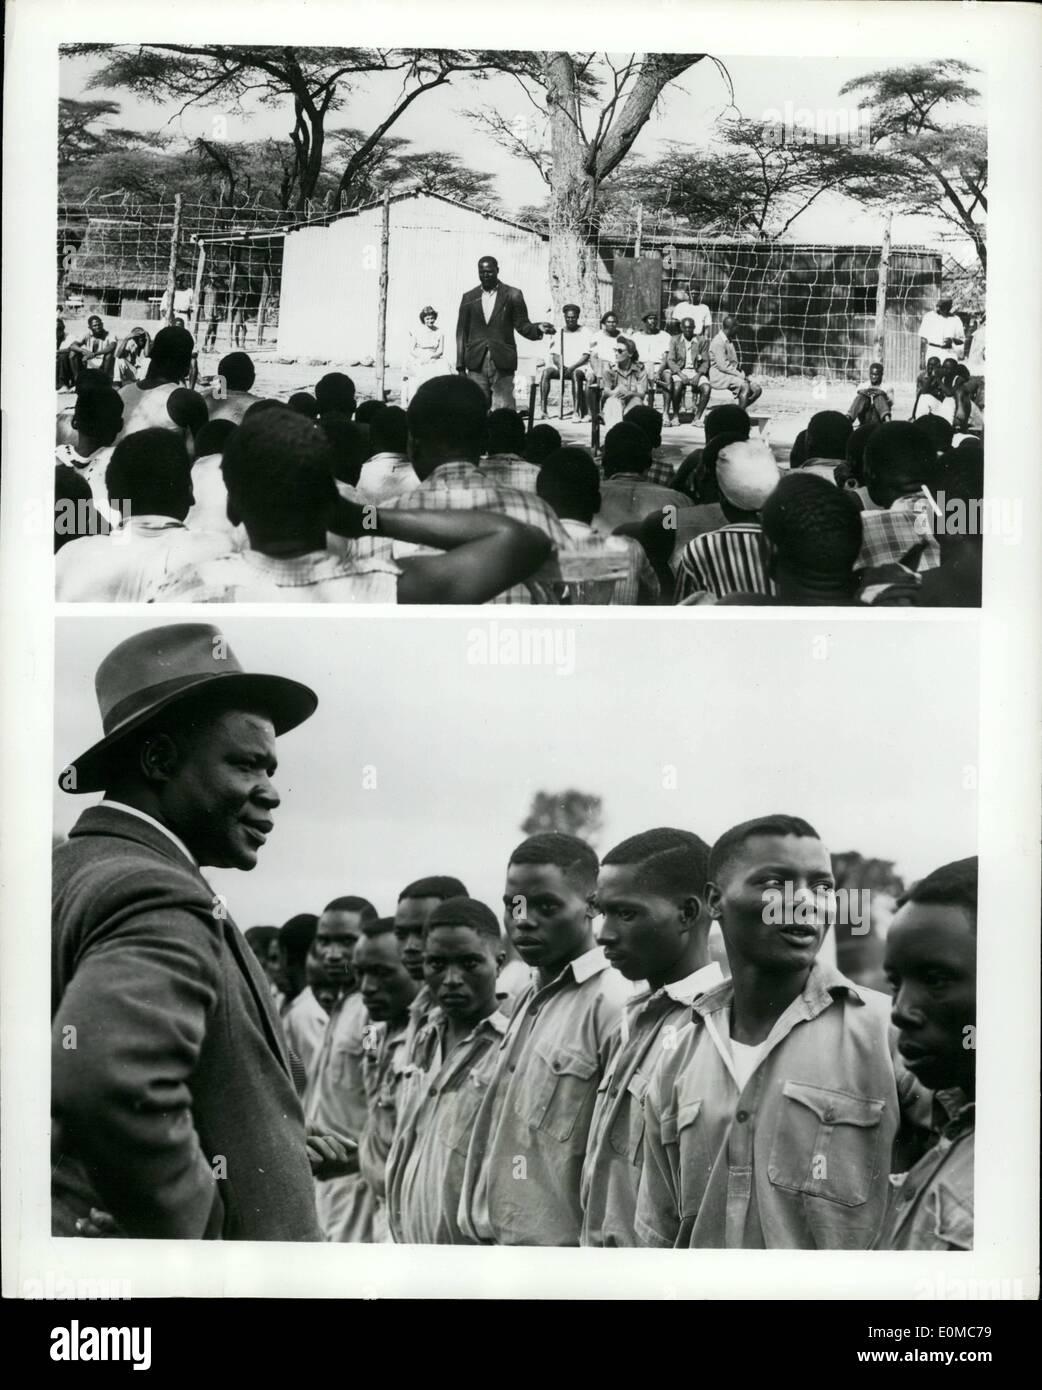 8. August 1954 - Rehabilitation ist Waffe gegen Mau Mau: eine starke Waffe ist Kenias Kampf gegen den Terrorismus ist das Reha-Programm, unter denen einige 35.000 Mau Mau Sympathisanten in Internierungslager gesendet wurden. Hier, aus der Gefahrenzone lernen sie nützliche Bürger wieder statt der Blut-verrückten Terroristen sein, die viele von ihnen in der Gefahr waren des Werdens Trhough den Einfluss von Mau Mau. Foto zeigt oben: Herr Stockbild